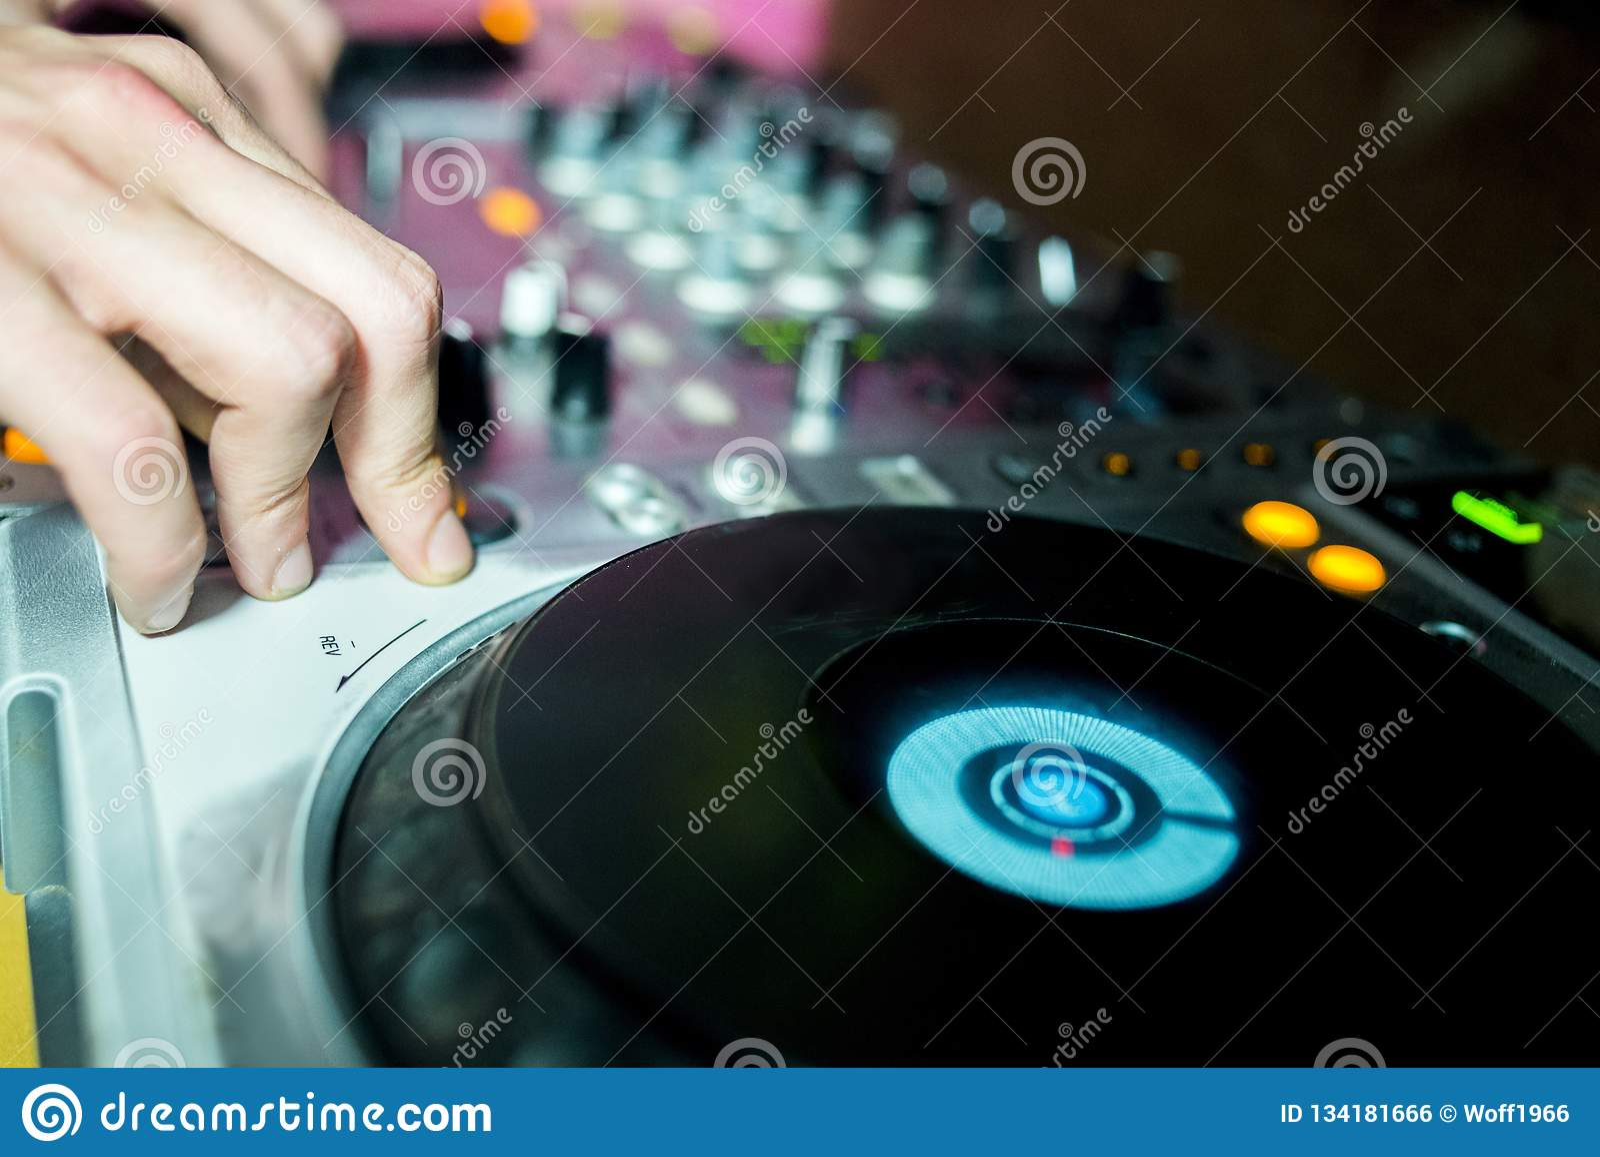 音频,俱乐部,控制台,控制